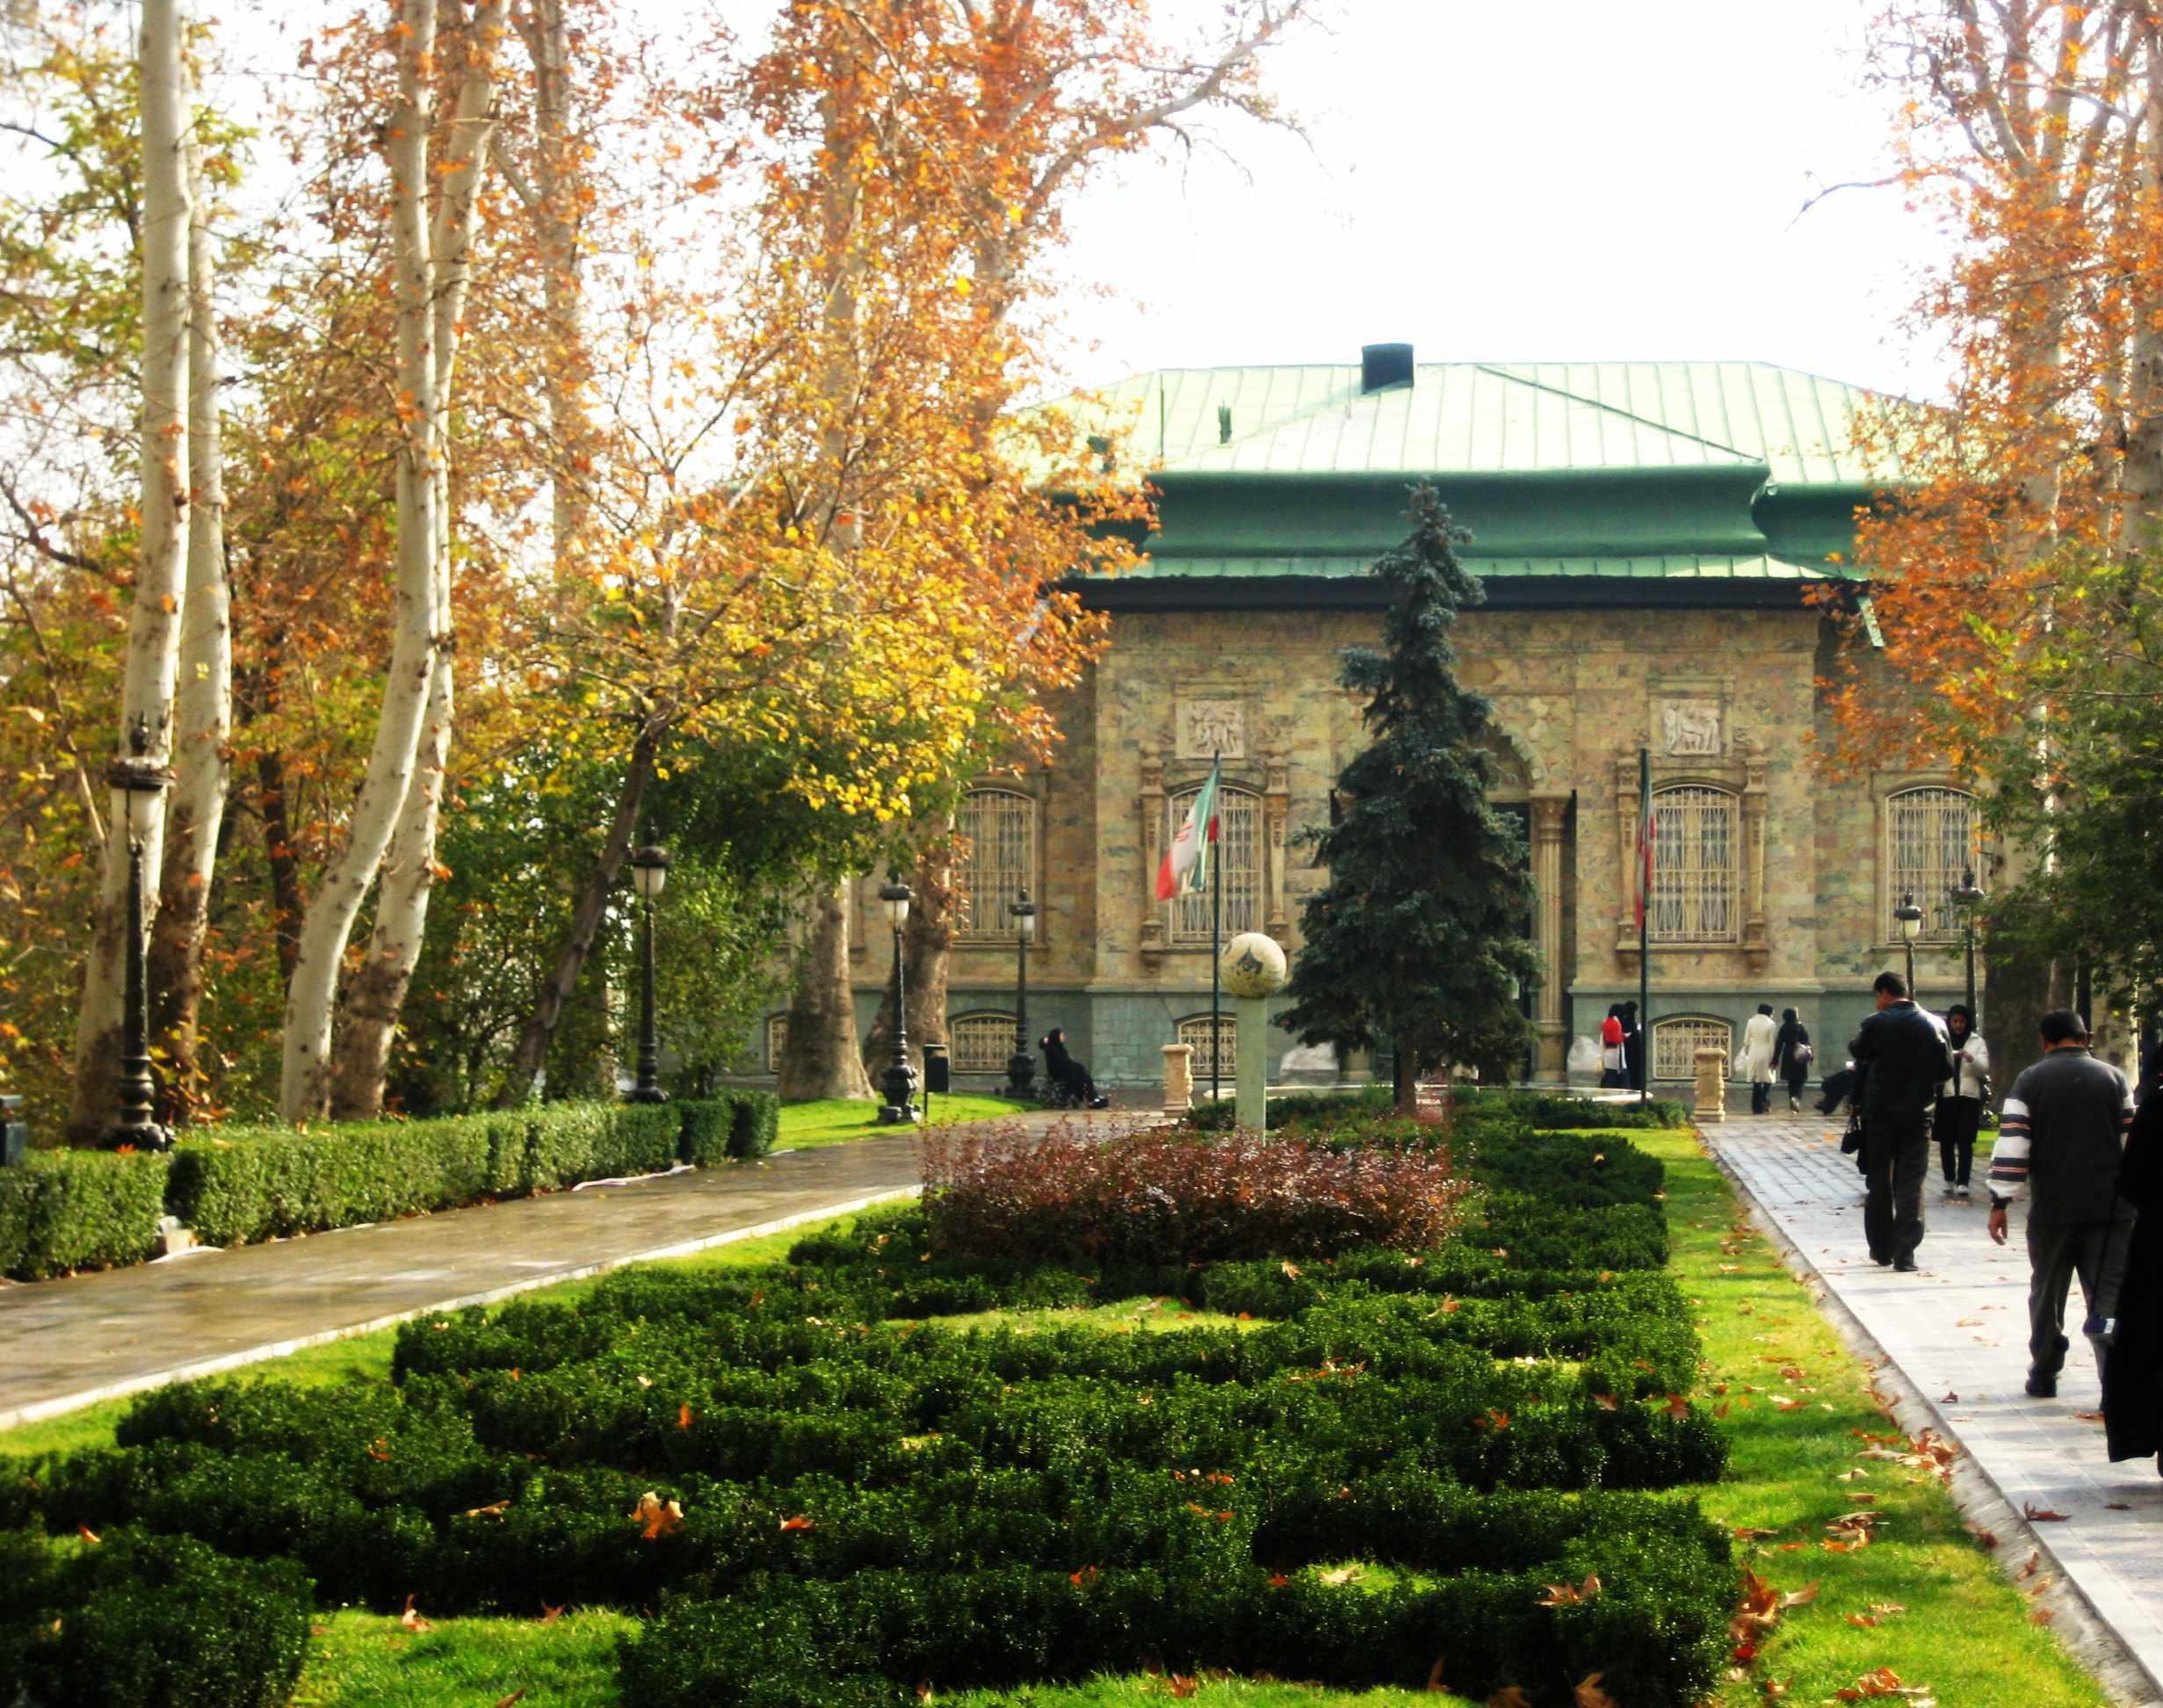 موزه رجعت و عبرت (کاخ مادر شاه)، گذری در تاریخ